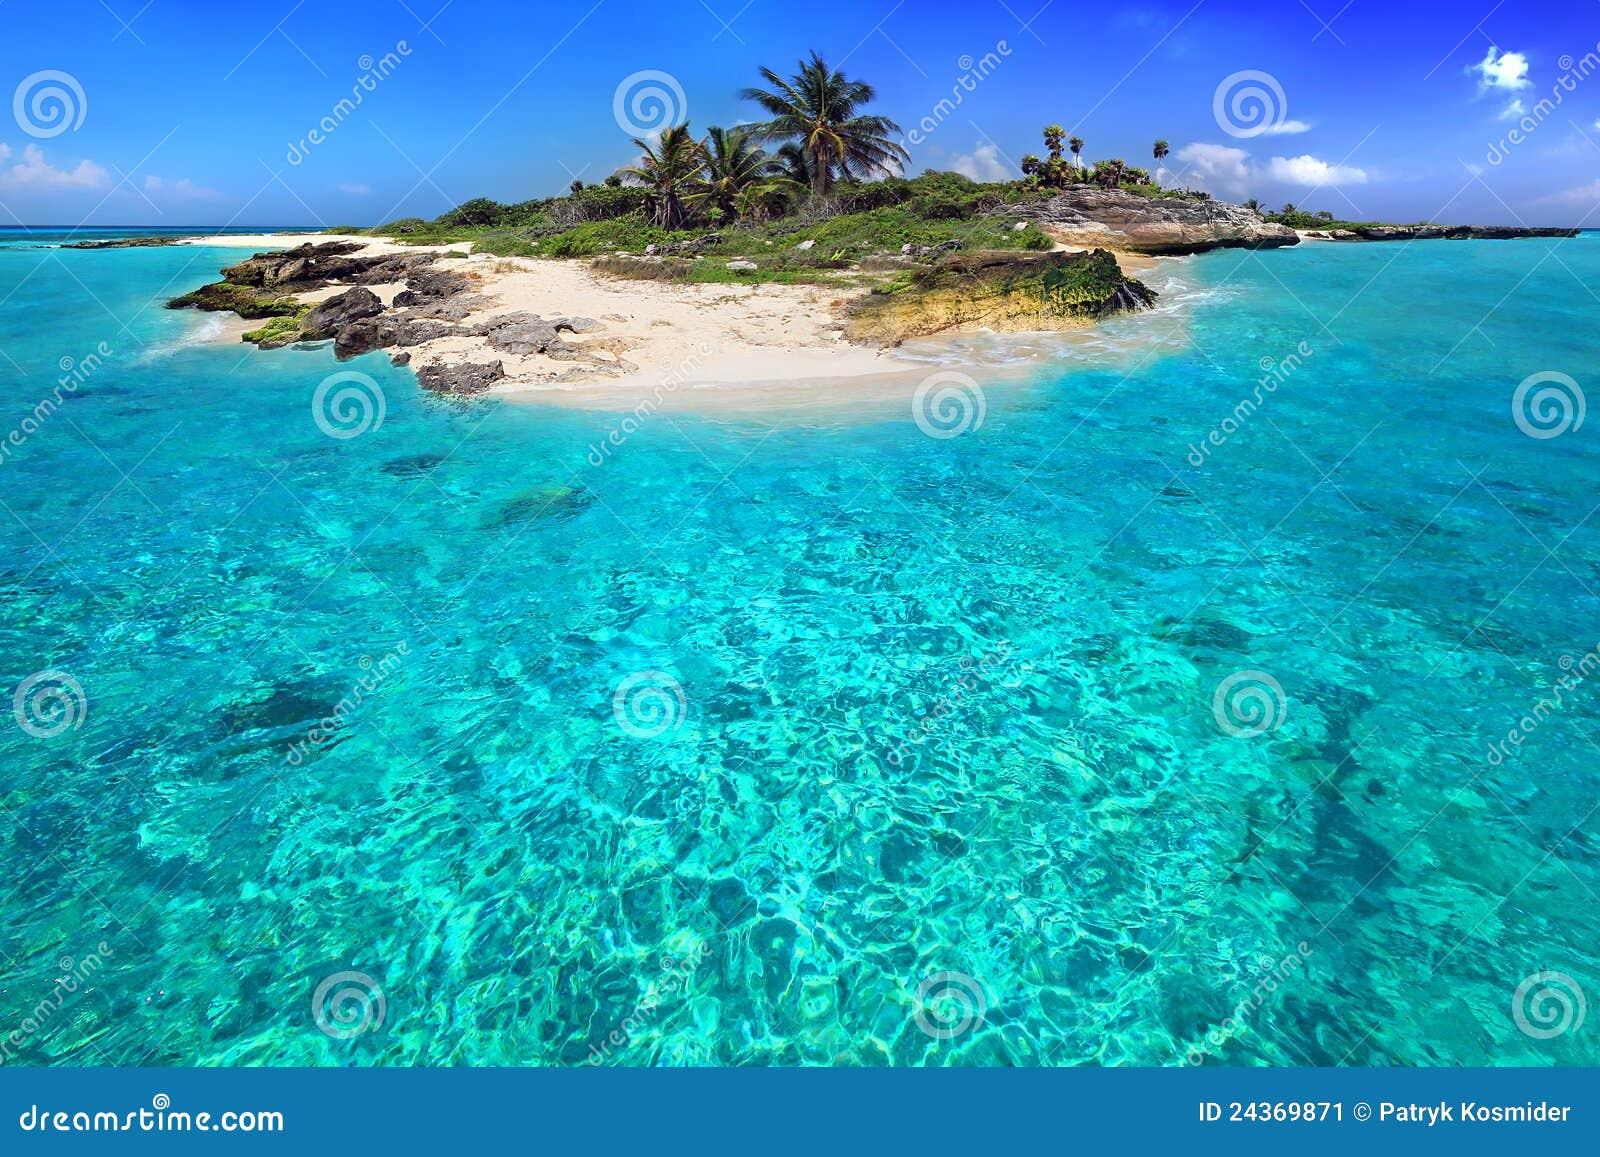 Caraïbisch eiland